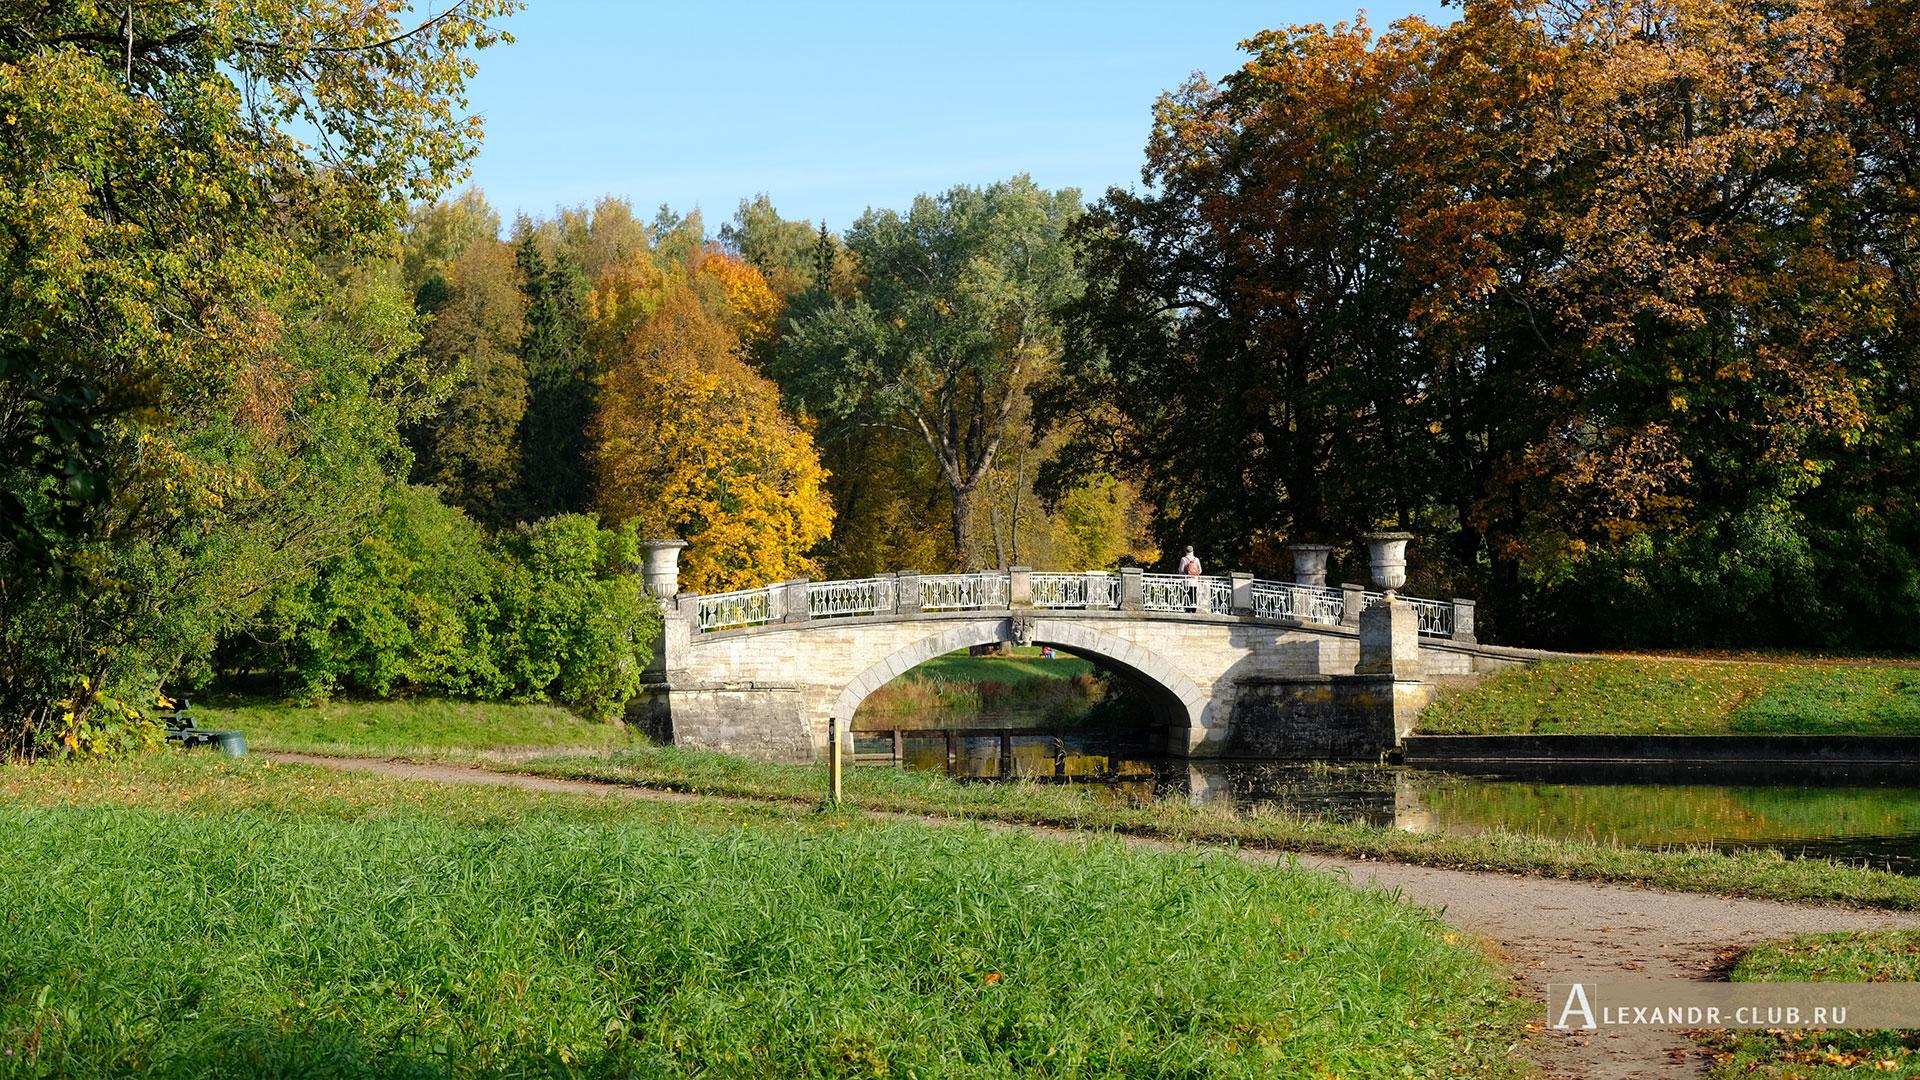 Павловск, осень, Павловский парк, Висконтиев мост